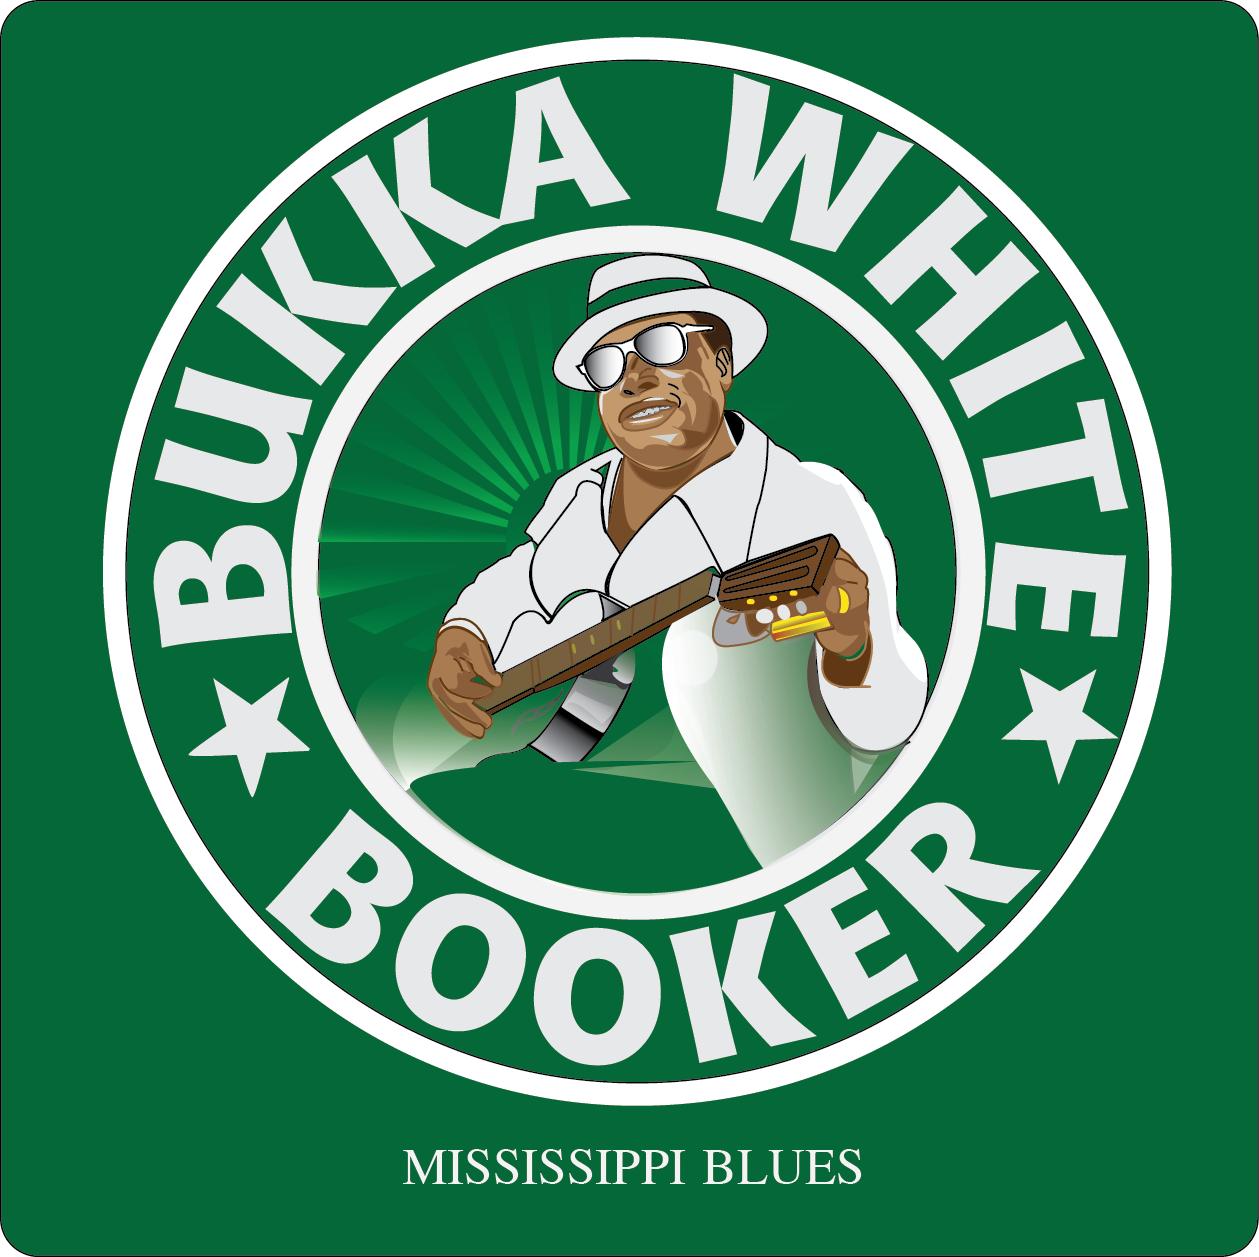 Bukka White Booker